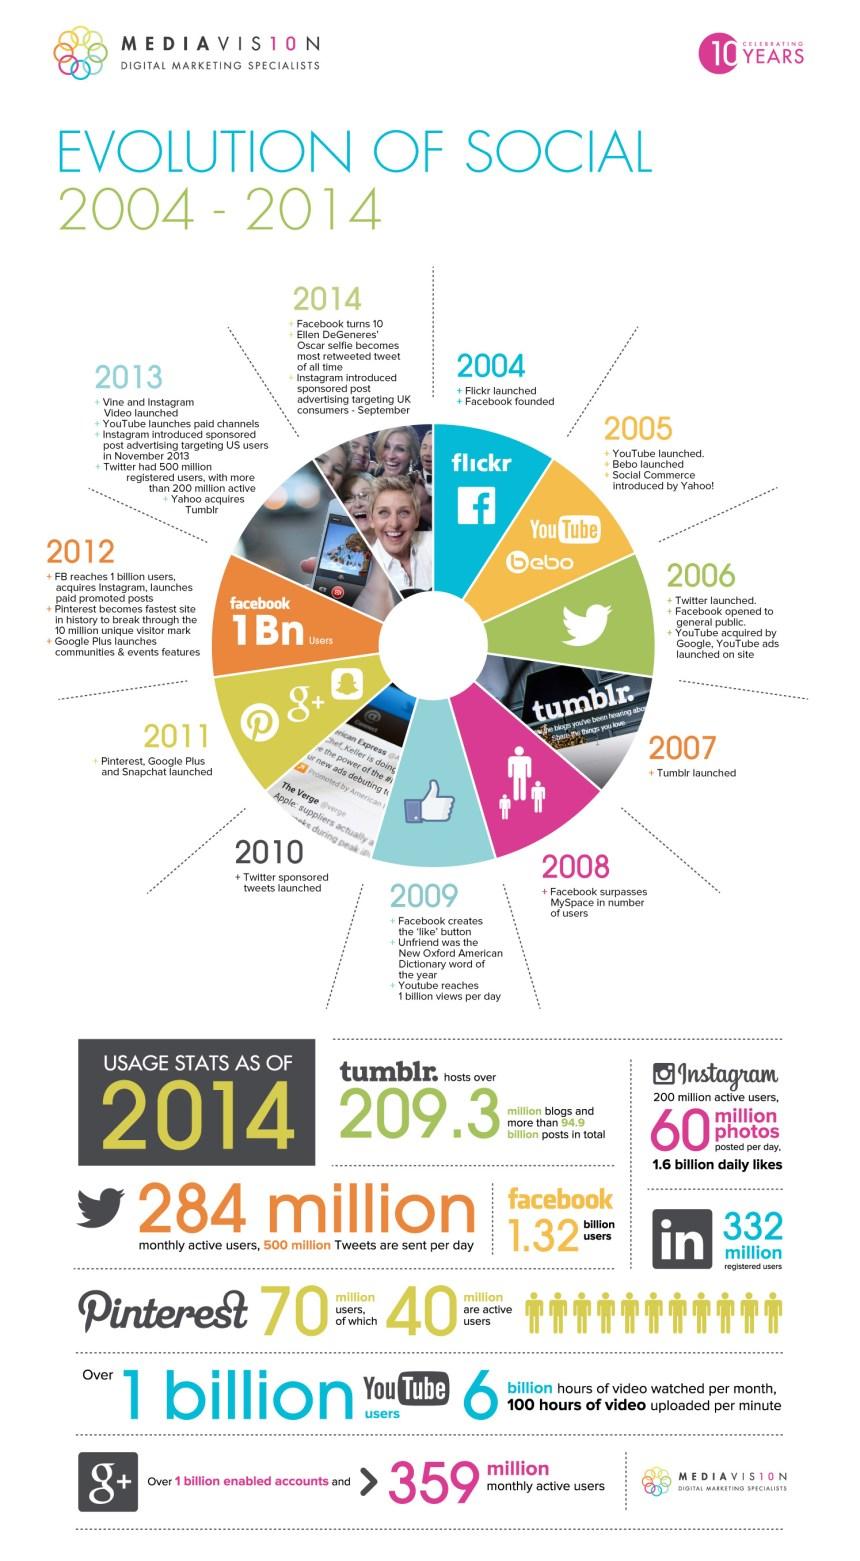 Evolución de las Redes Sociales 2004-2014